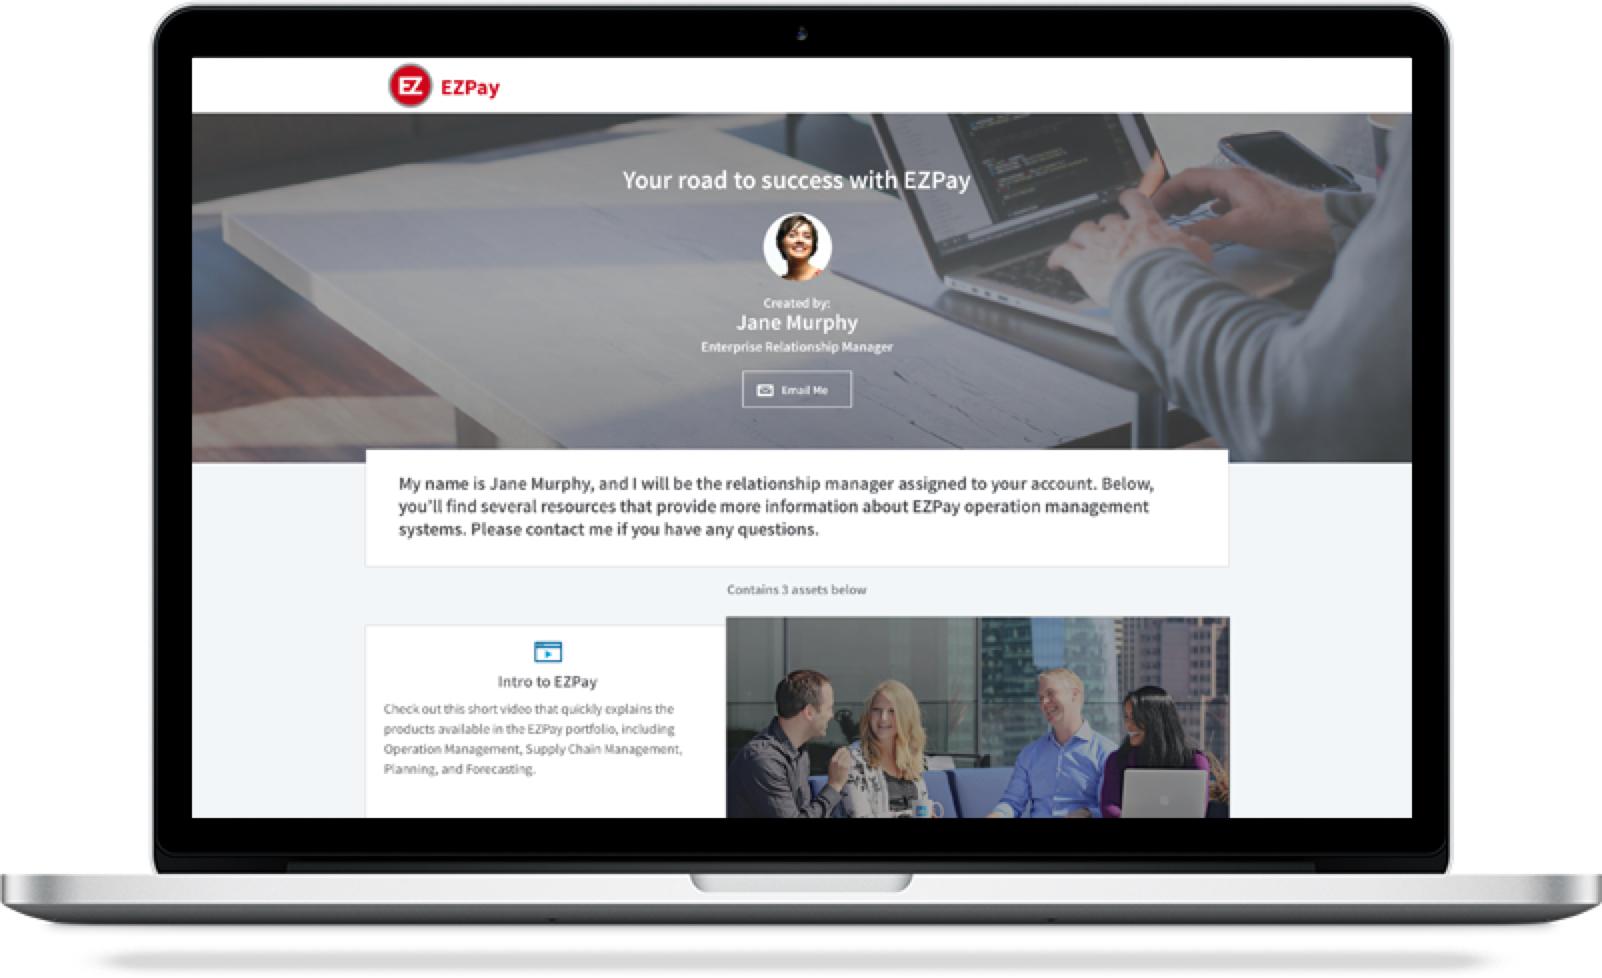 LinkedIn Sales Navigator gets PointDrive integration